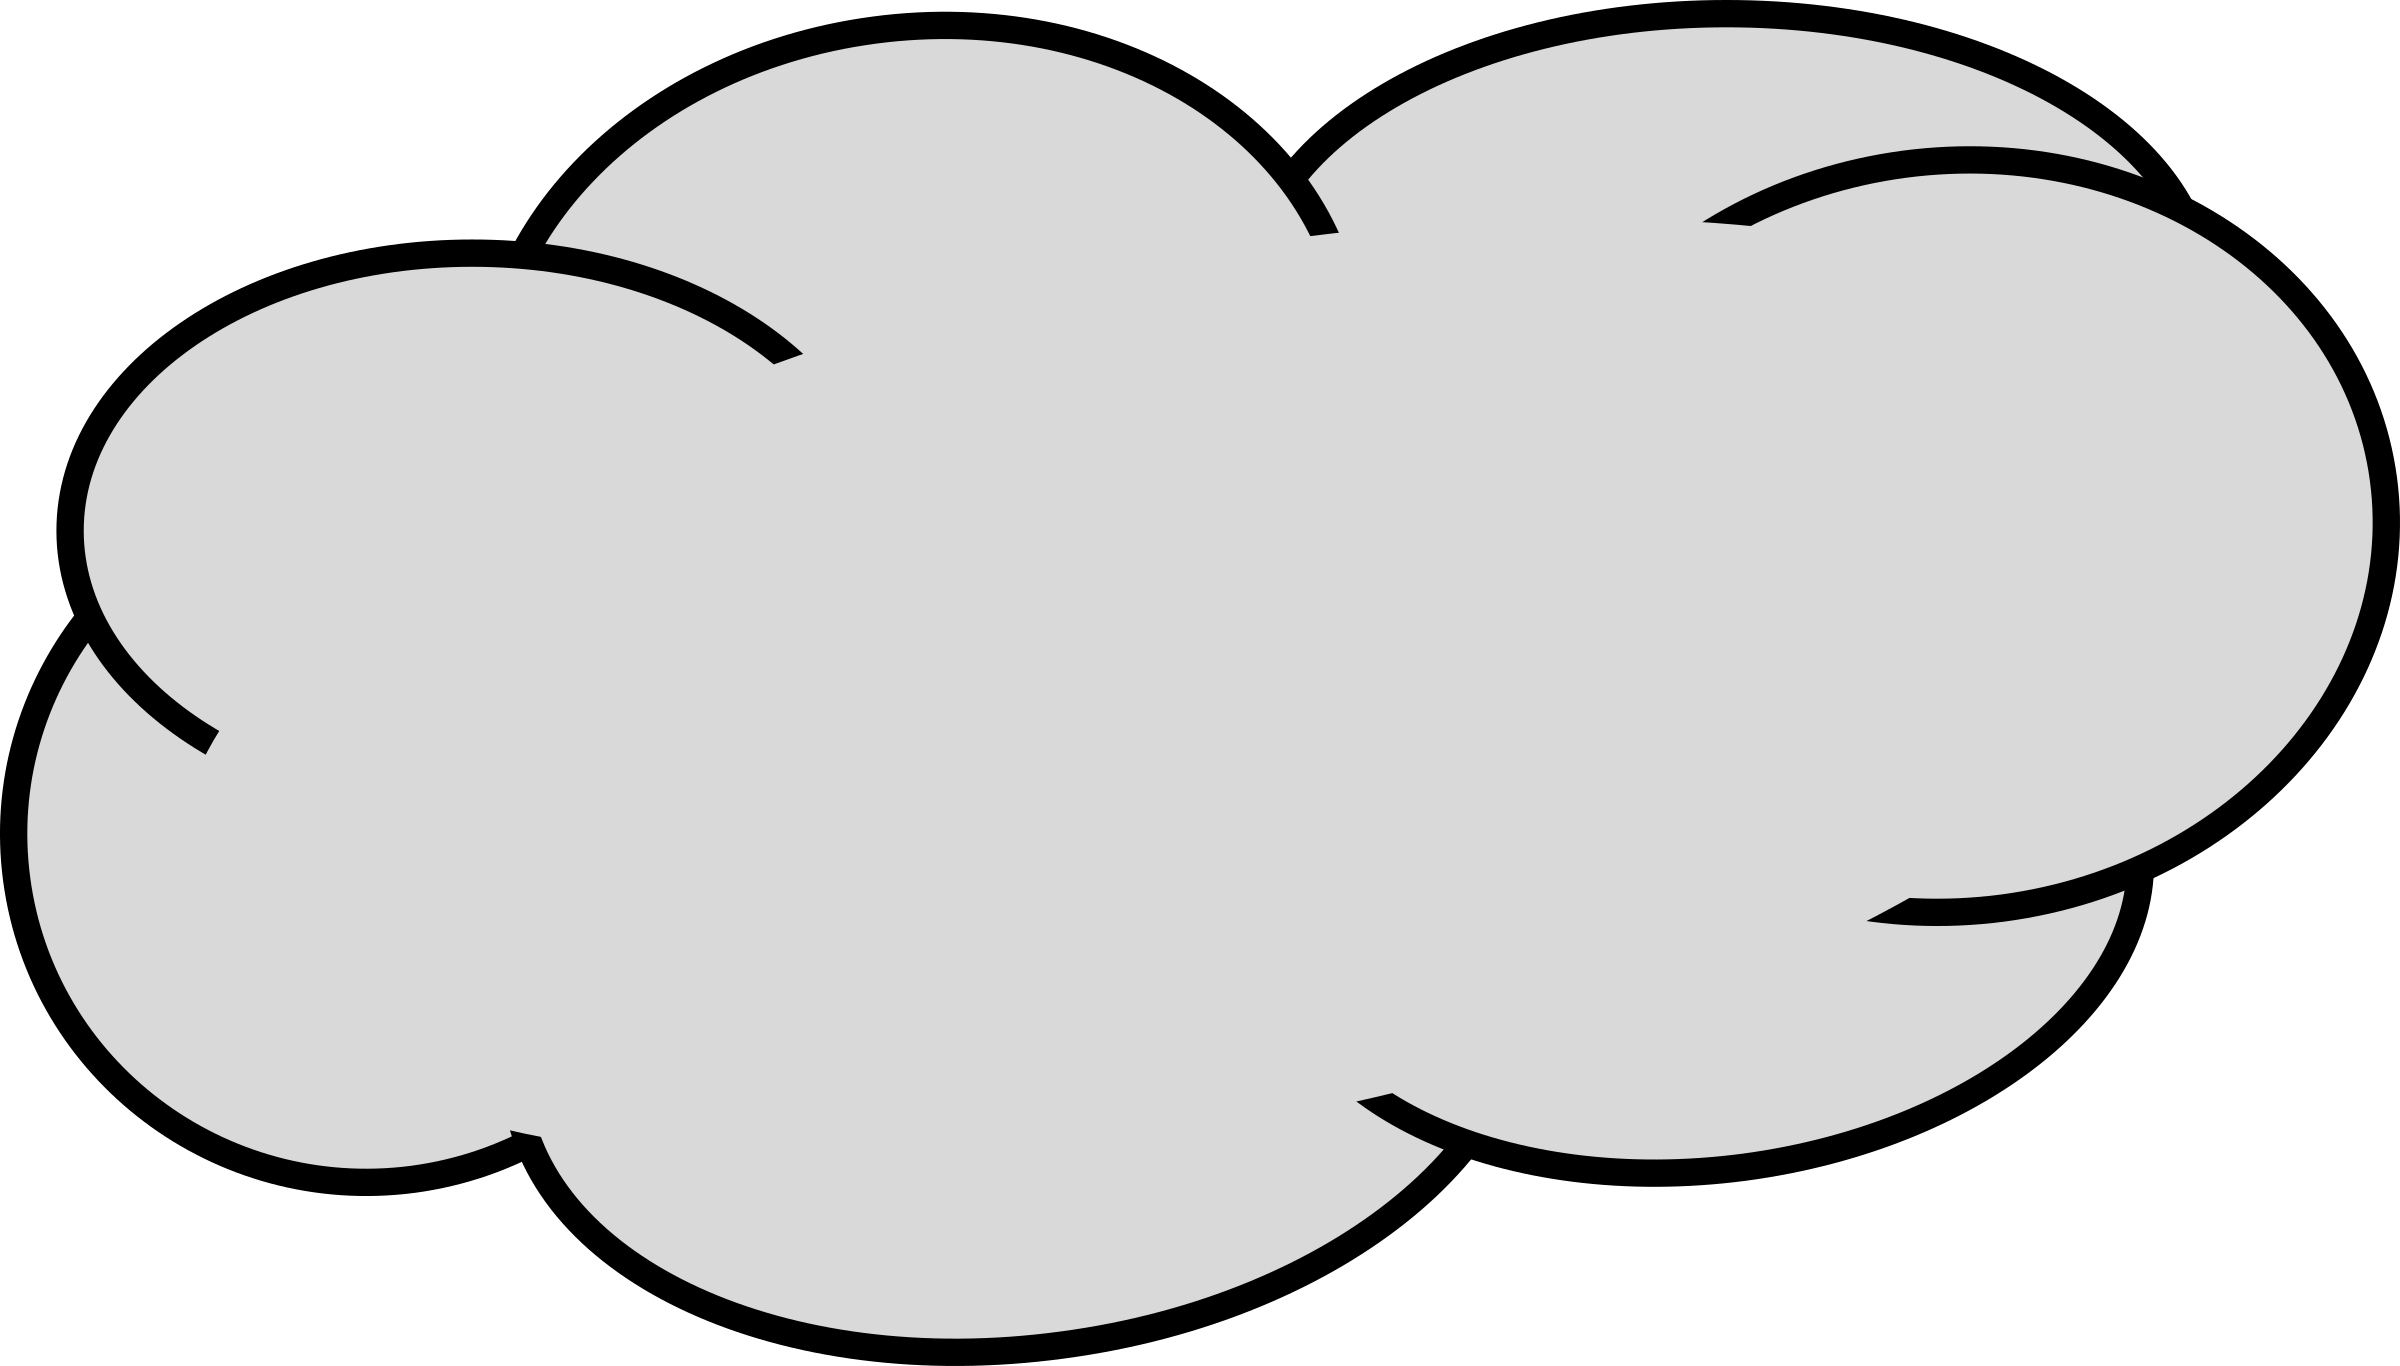 Big cloud clipart 2.